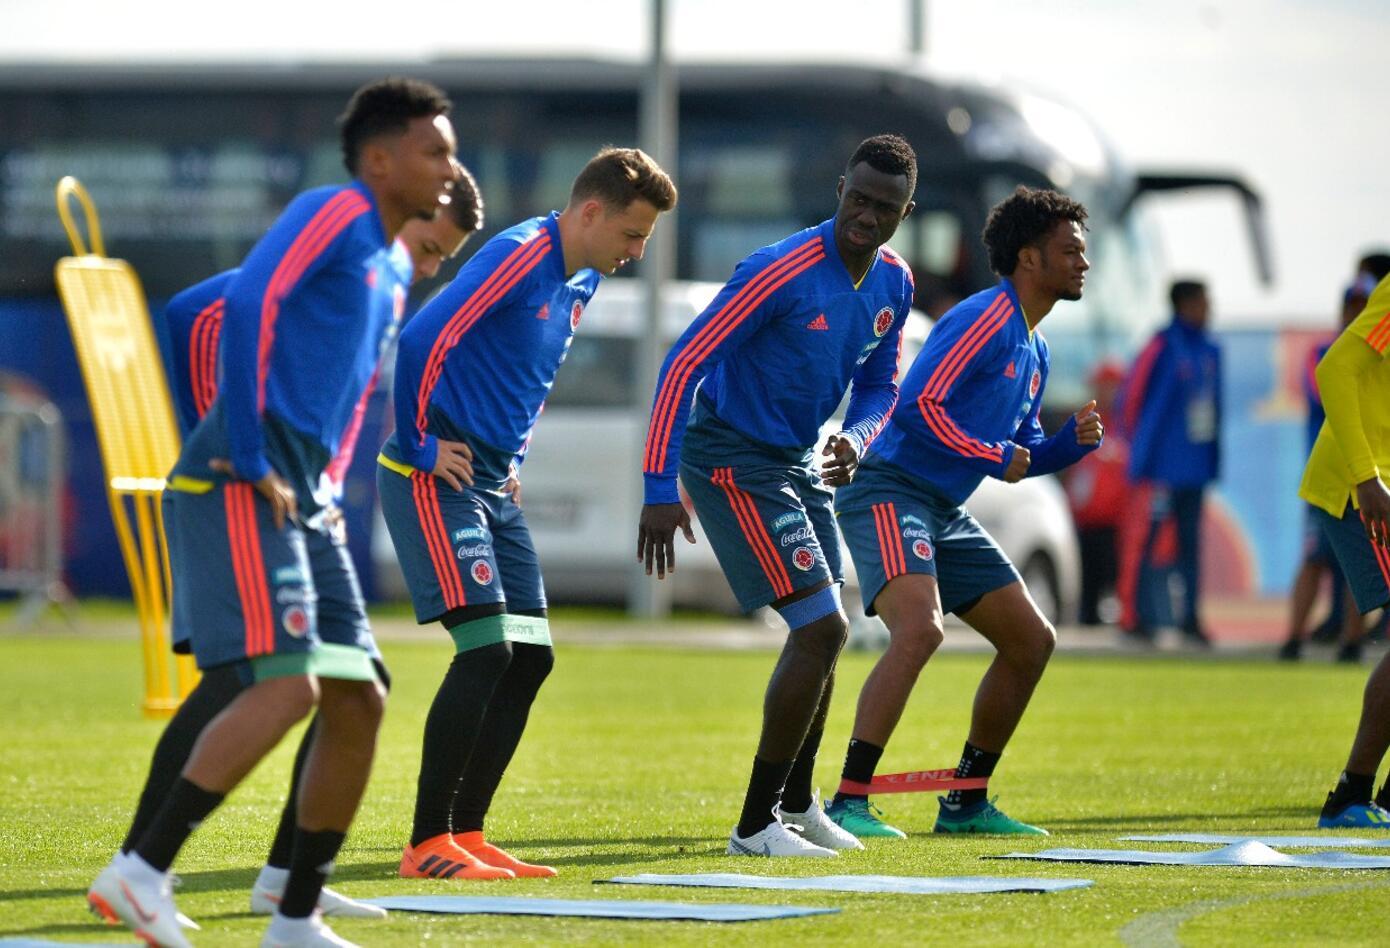 Entrenamientos de la Selección Colombia en Kazán